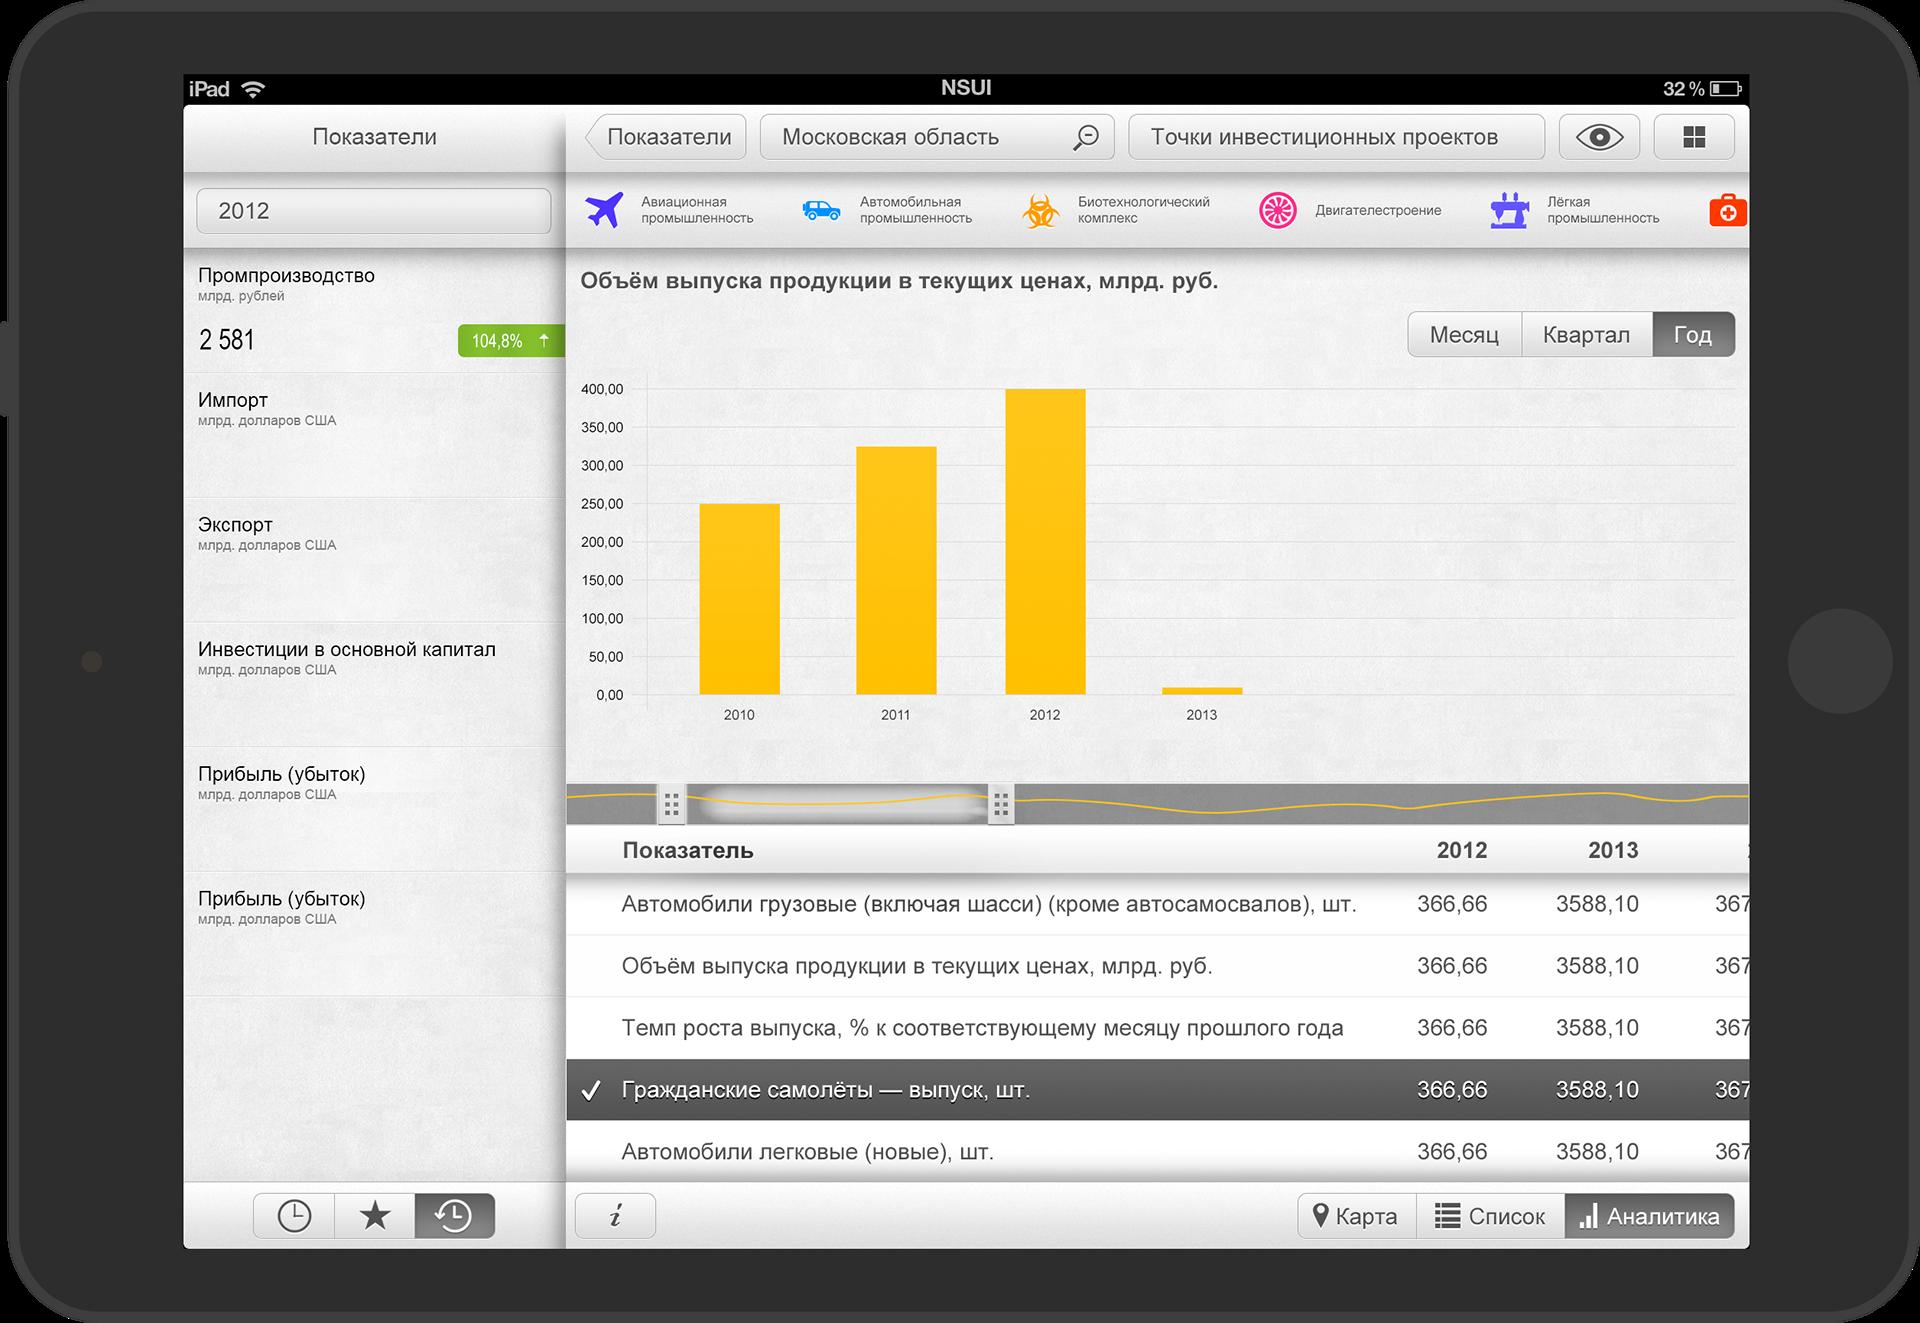 Архив: Мобильный Атлас, iPad-приложение